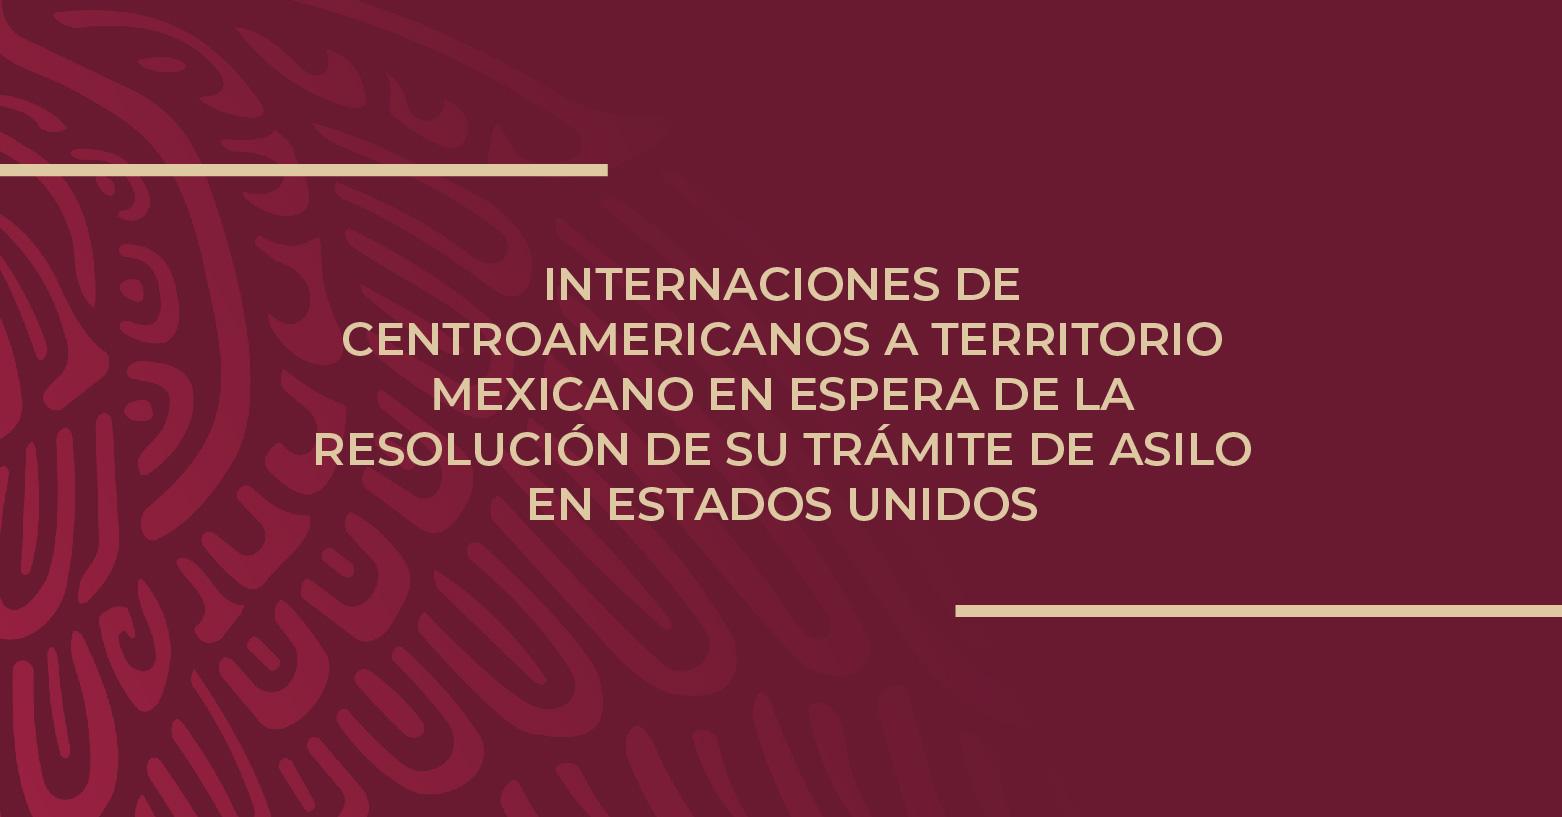 Internaciones de centroamericanos